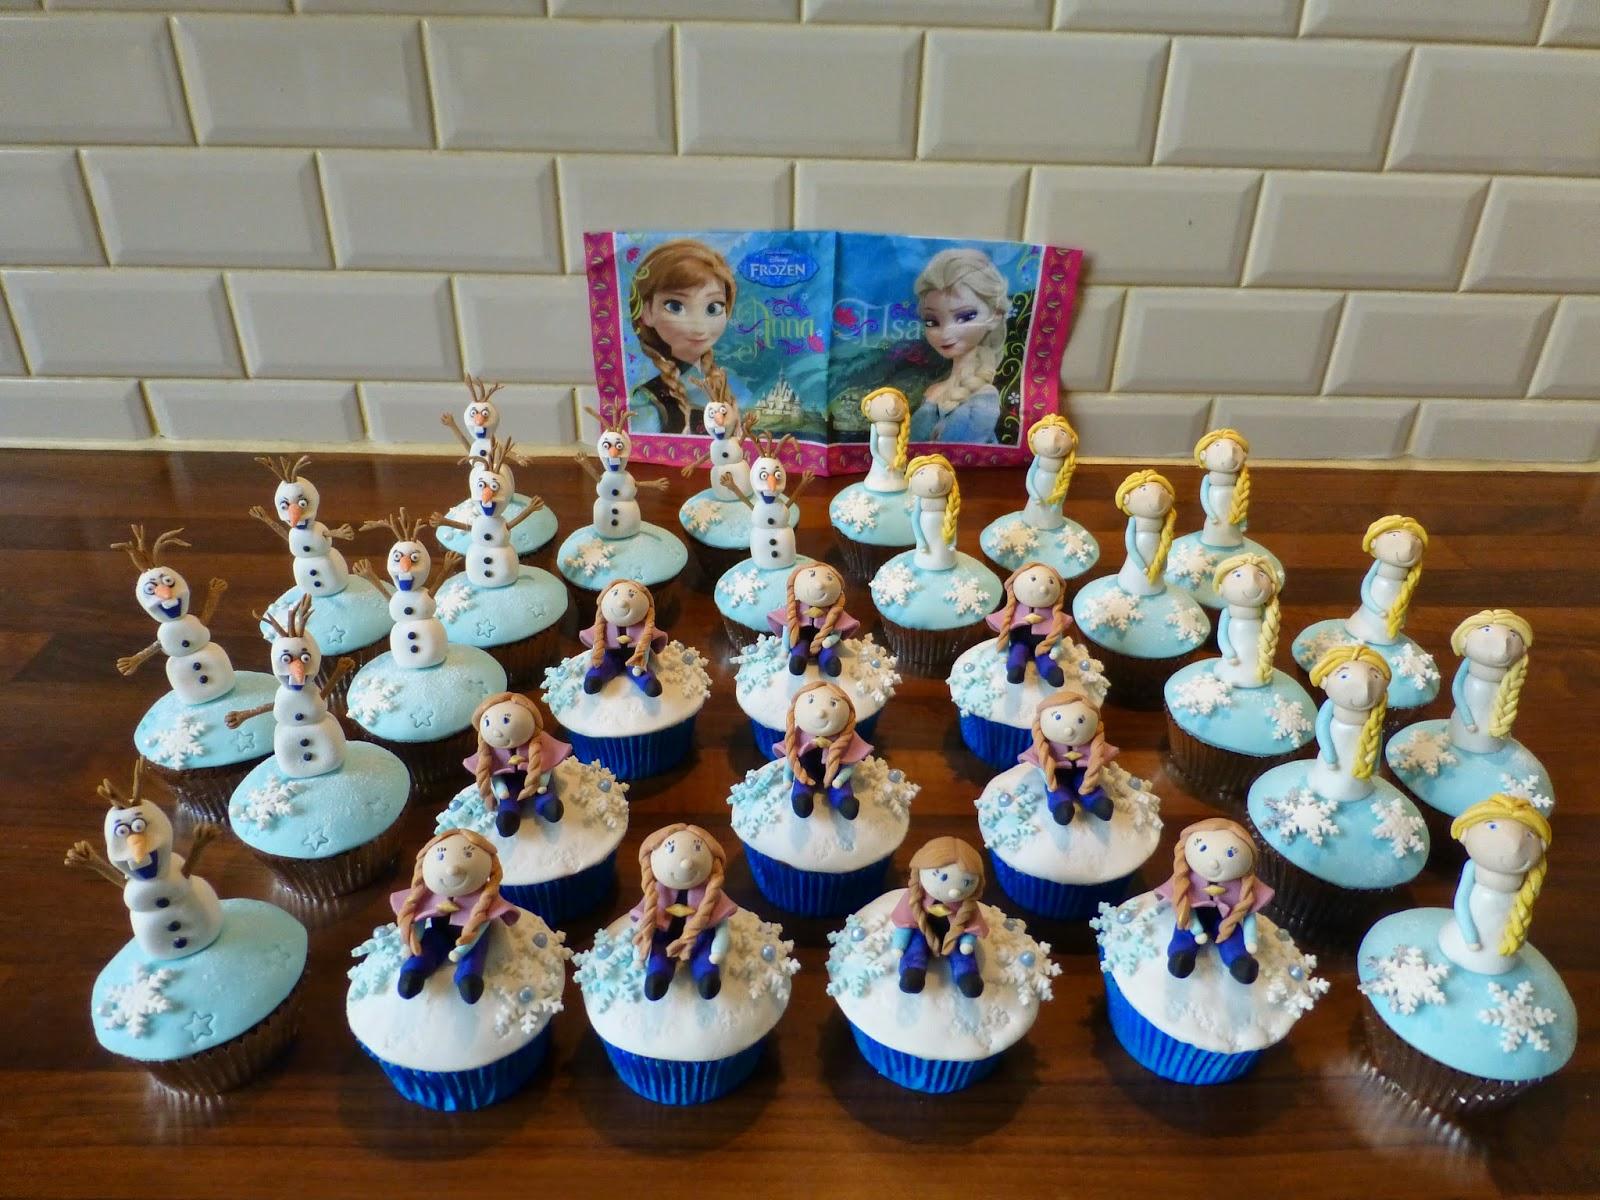 frozen reine des neiges cupcakes